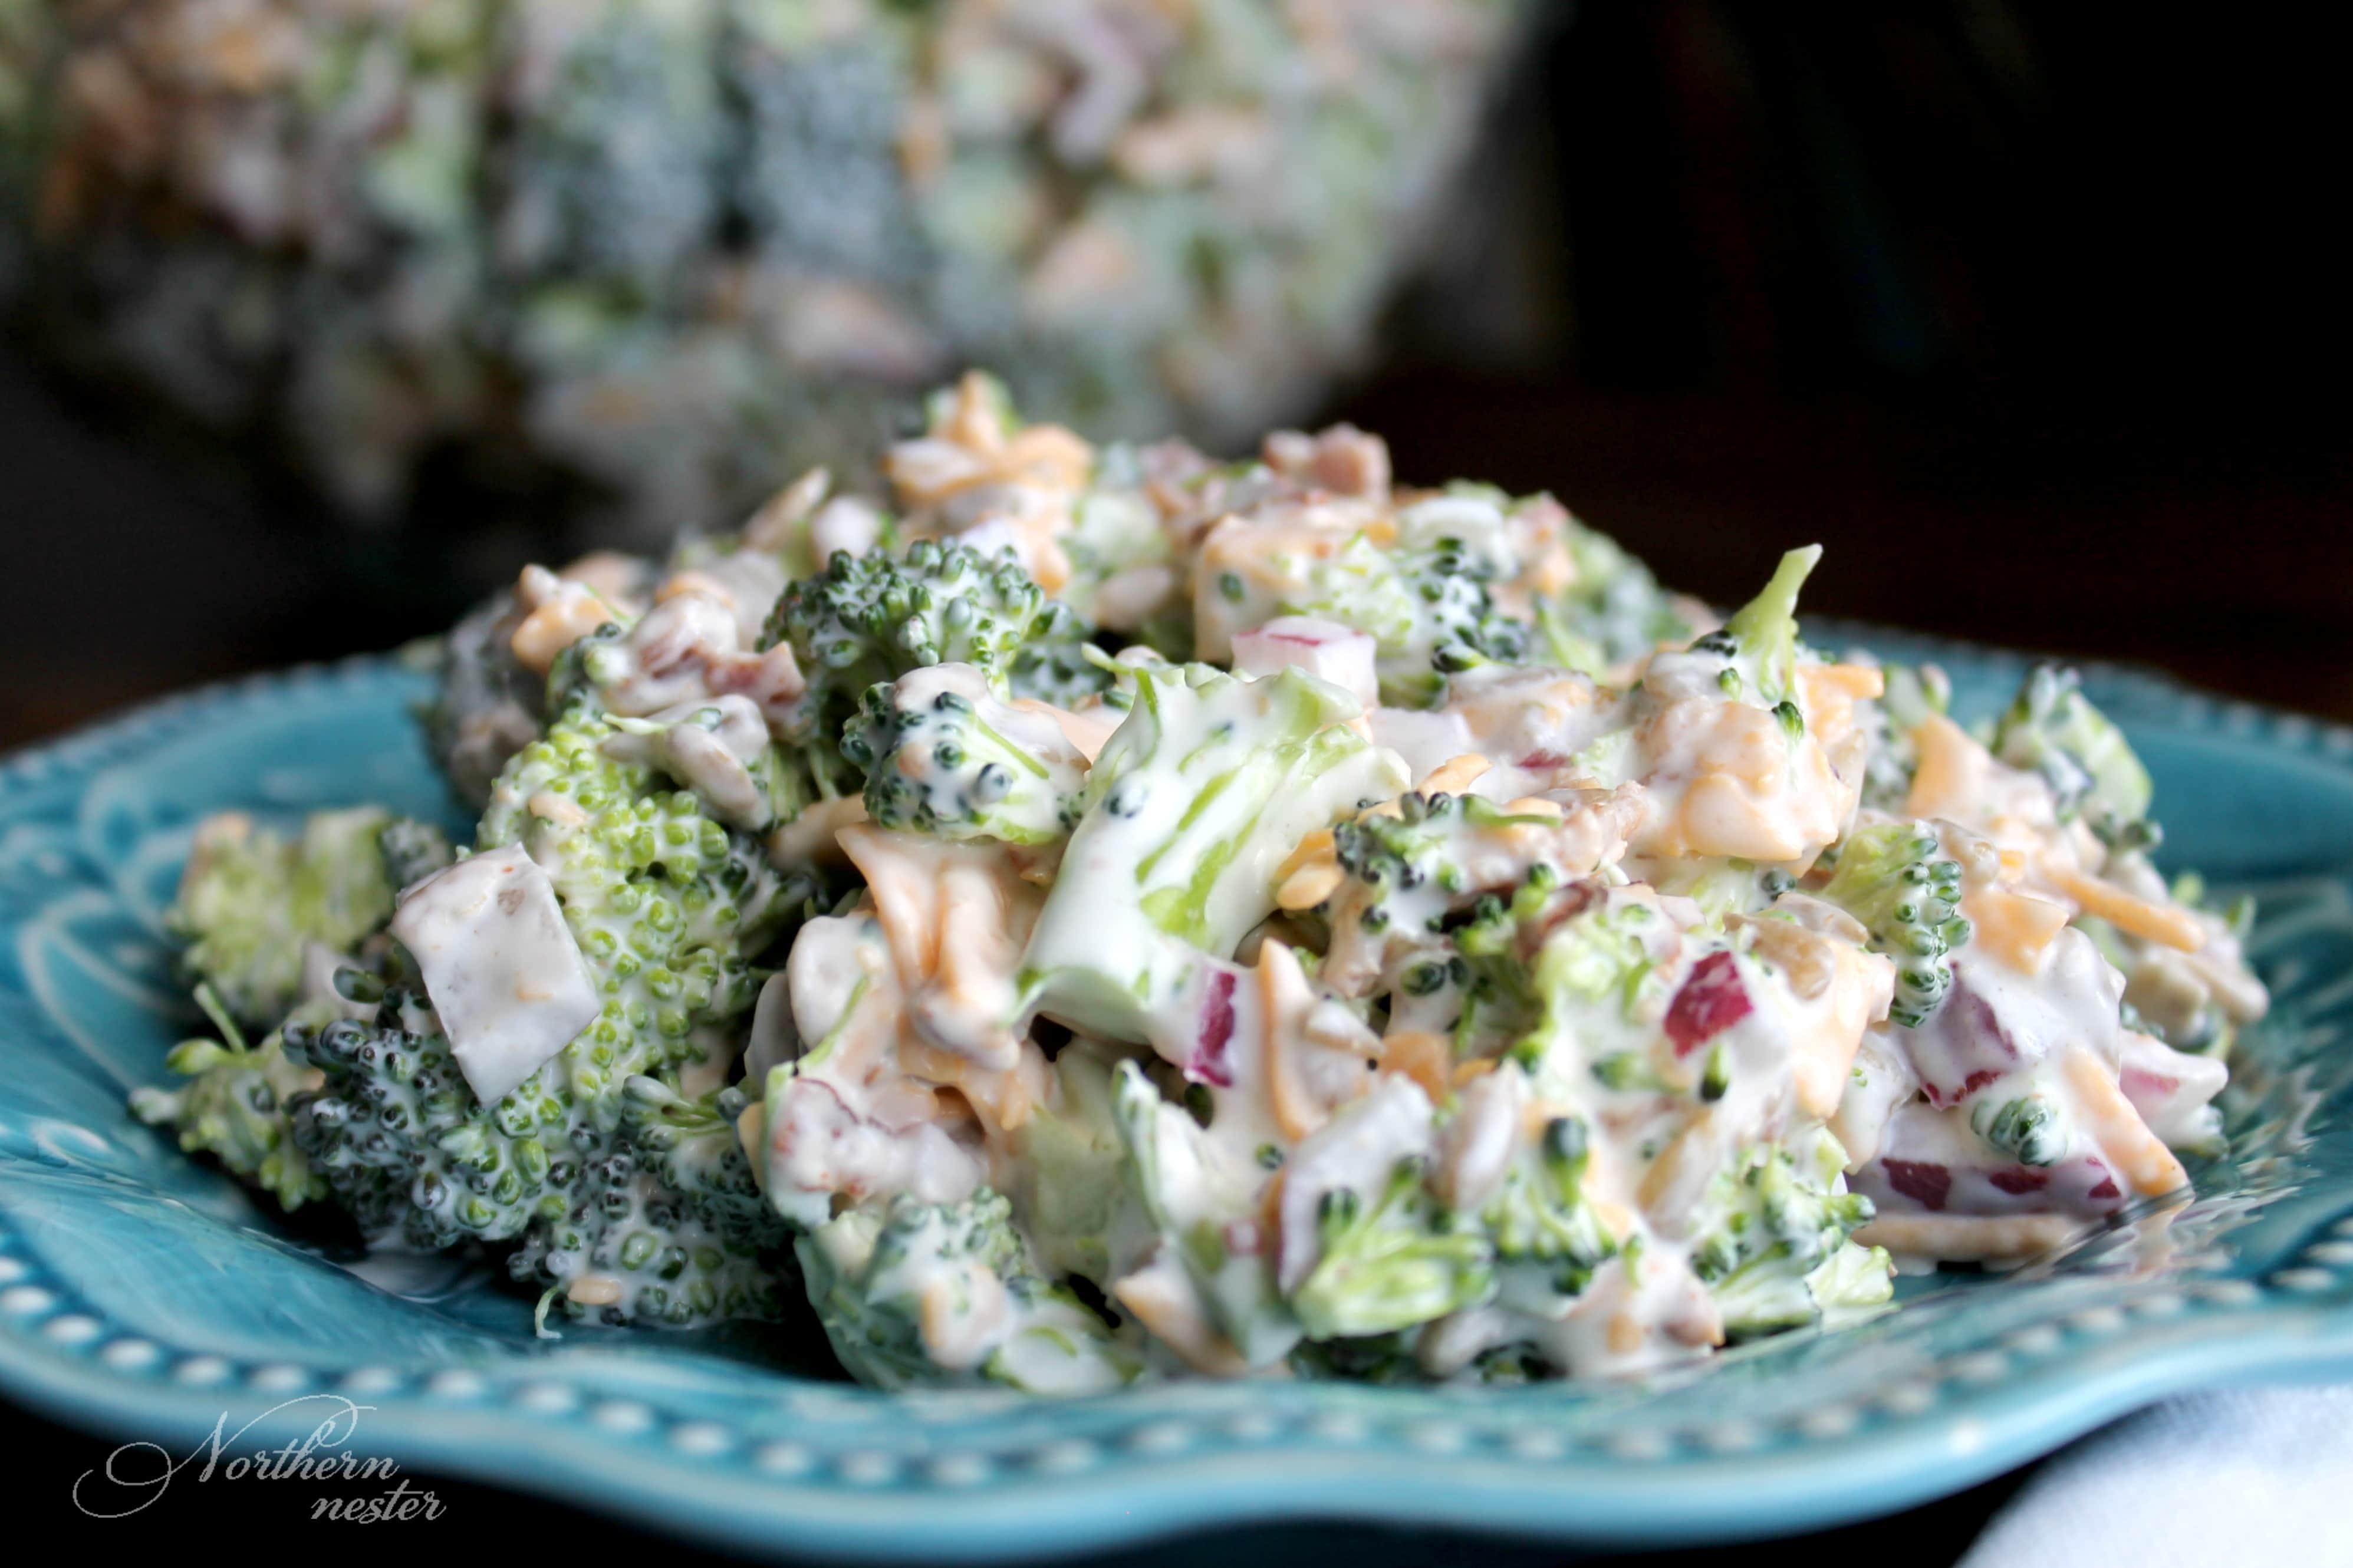 Creamy & Crunchy Broccoli Salad | THM: S